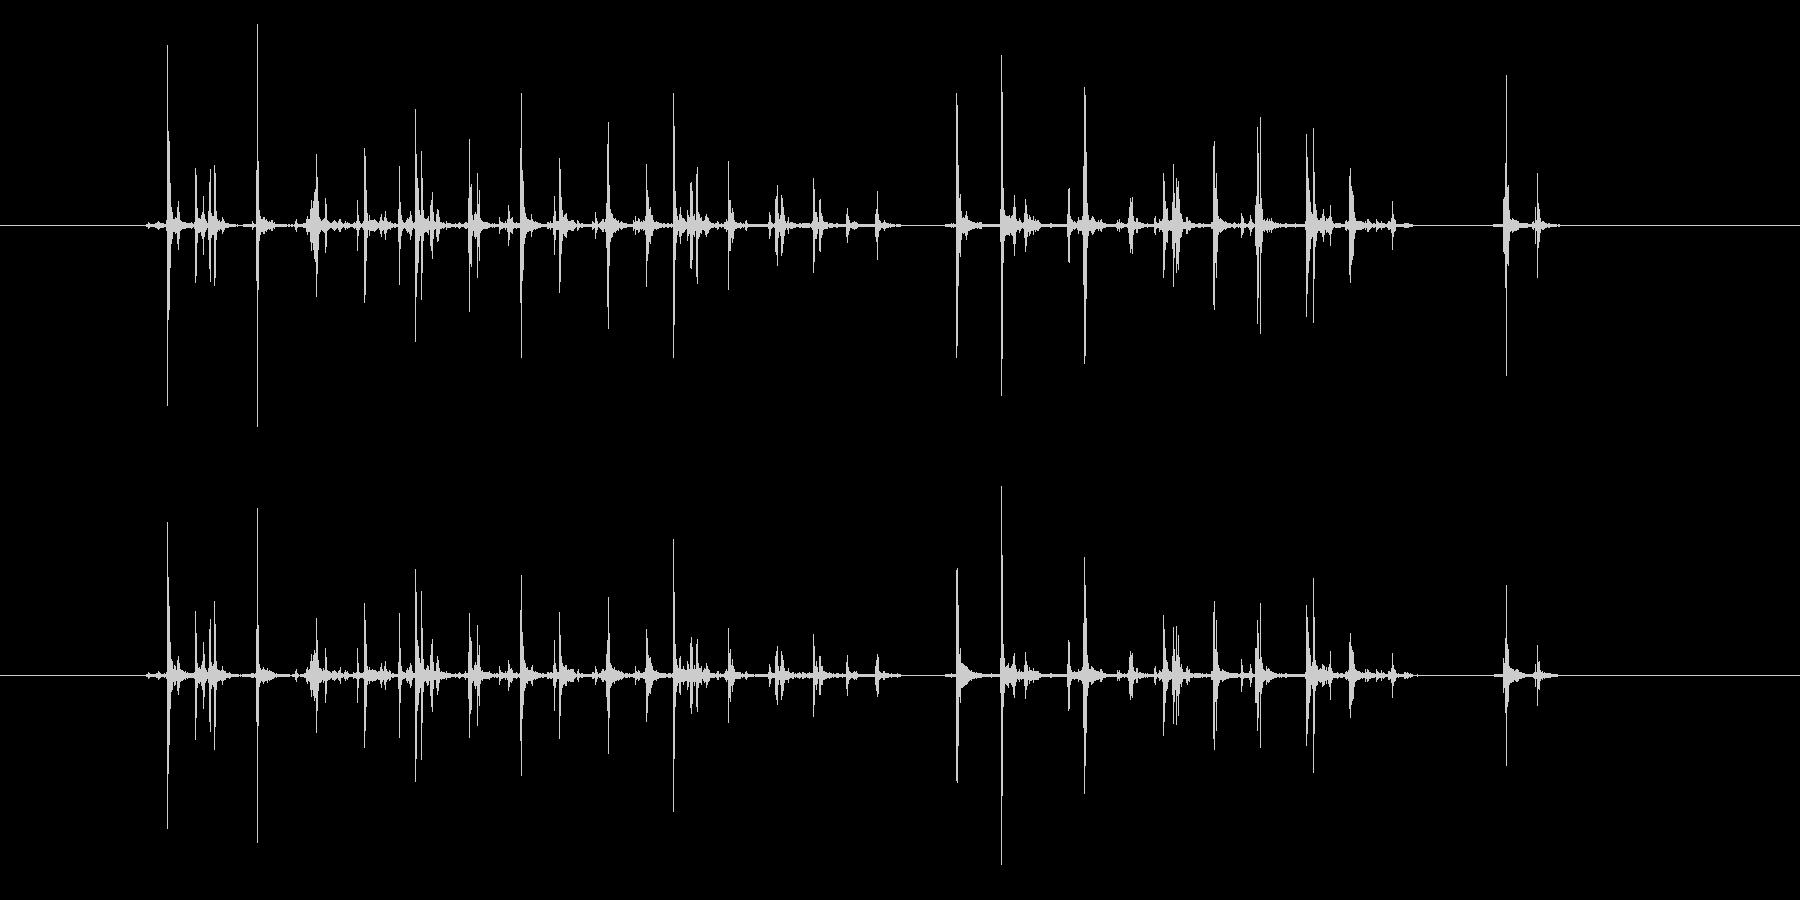 【録音】キーボード入力音の未再生の波形